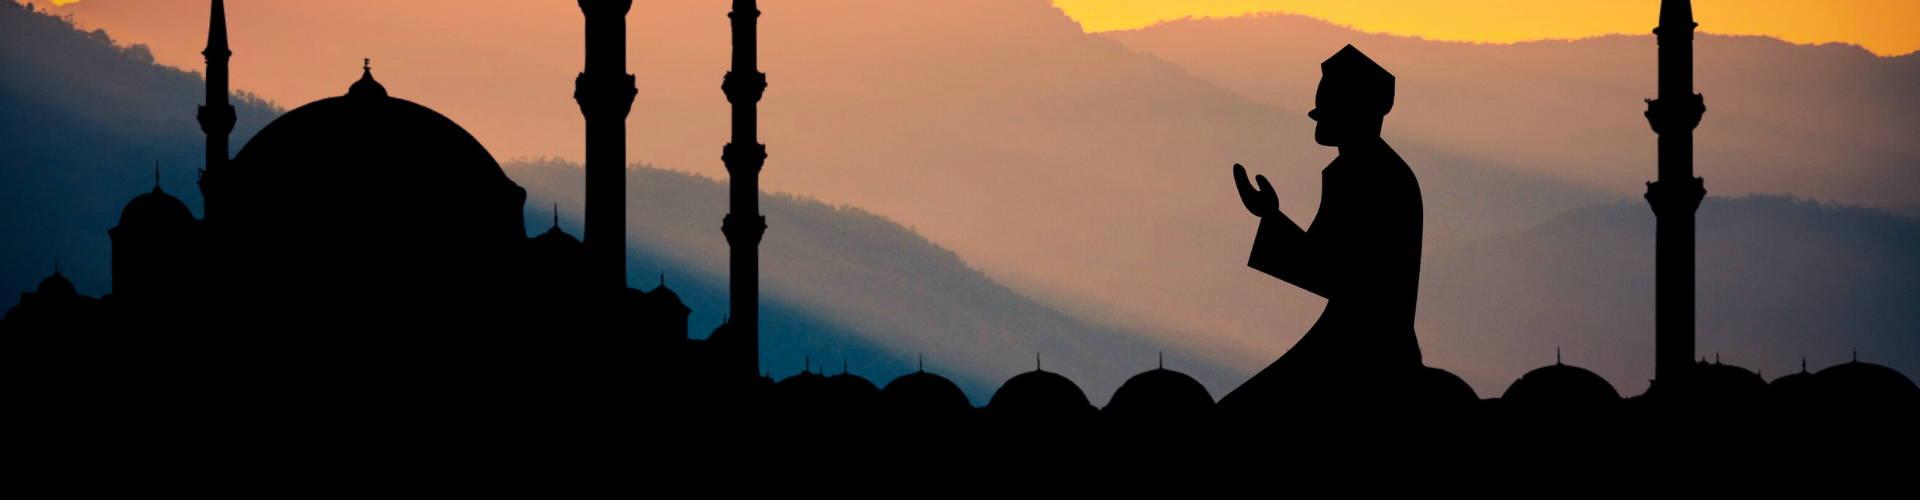 islam religion